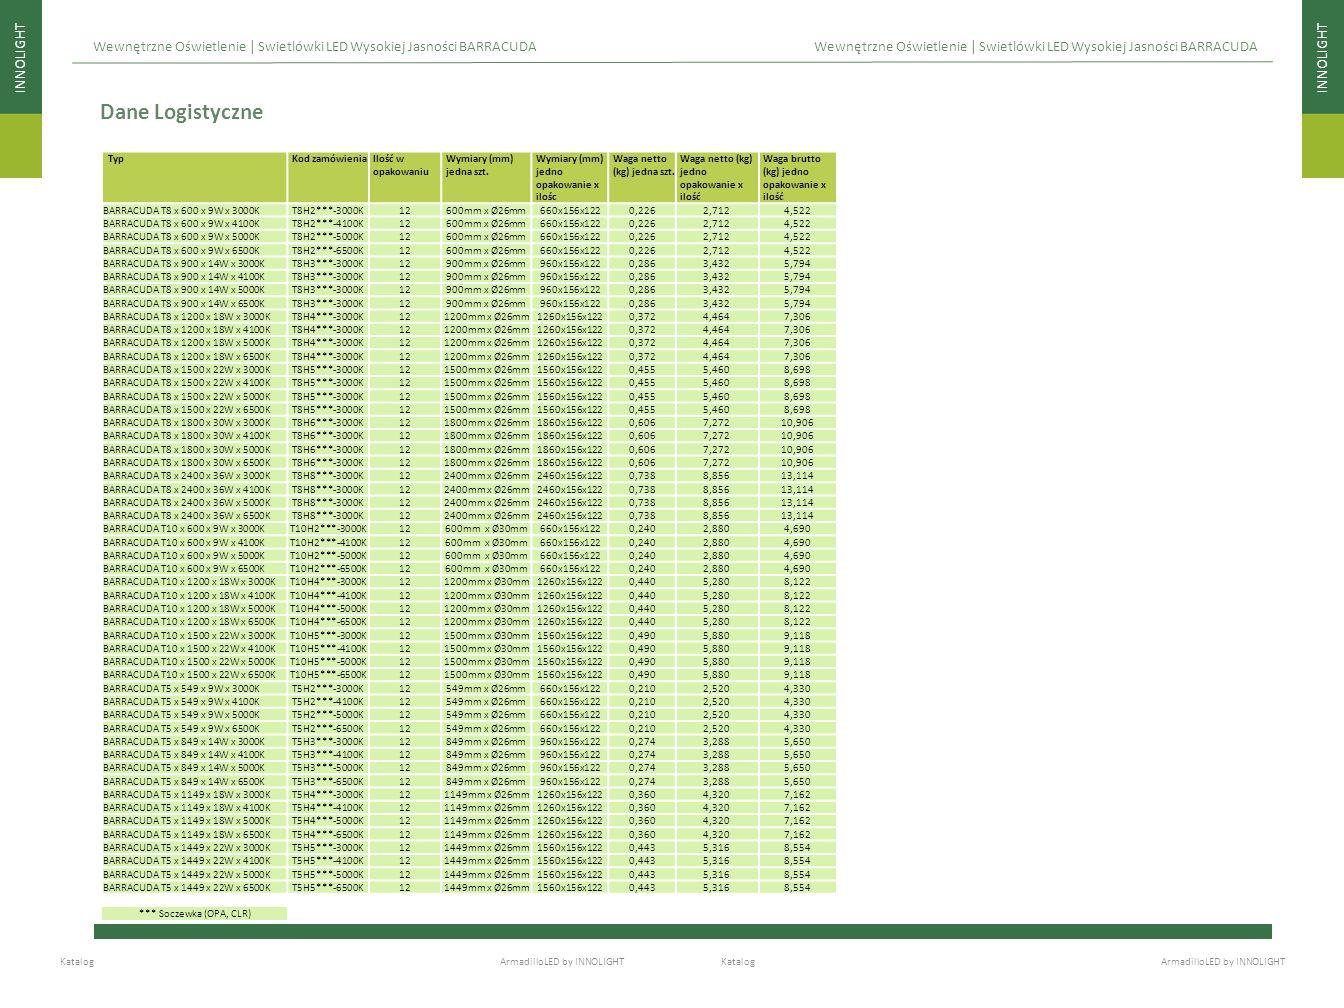 INNOLIGHT Katalog ArmadilloLED by INNOLIGHT Dane Logistyczne Wewnętrzne Oświetlenie | Swietlówki LED Wysokiej Jasności BARRACUDA TypKod zamówieniaIloś